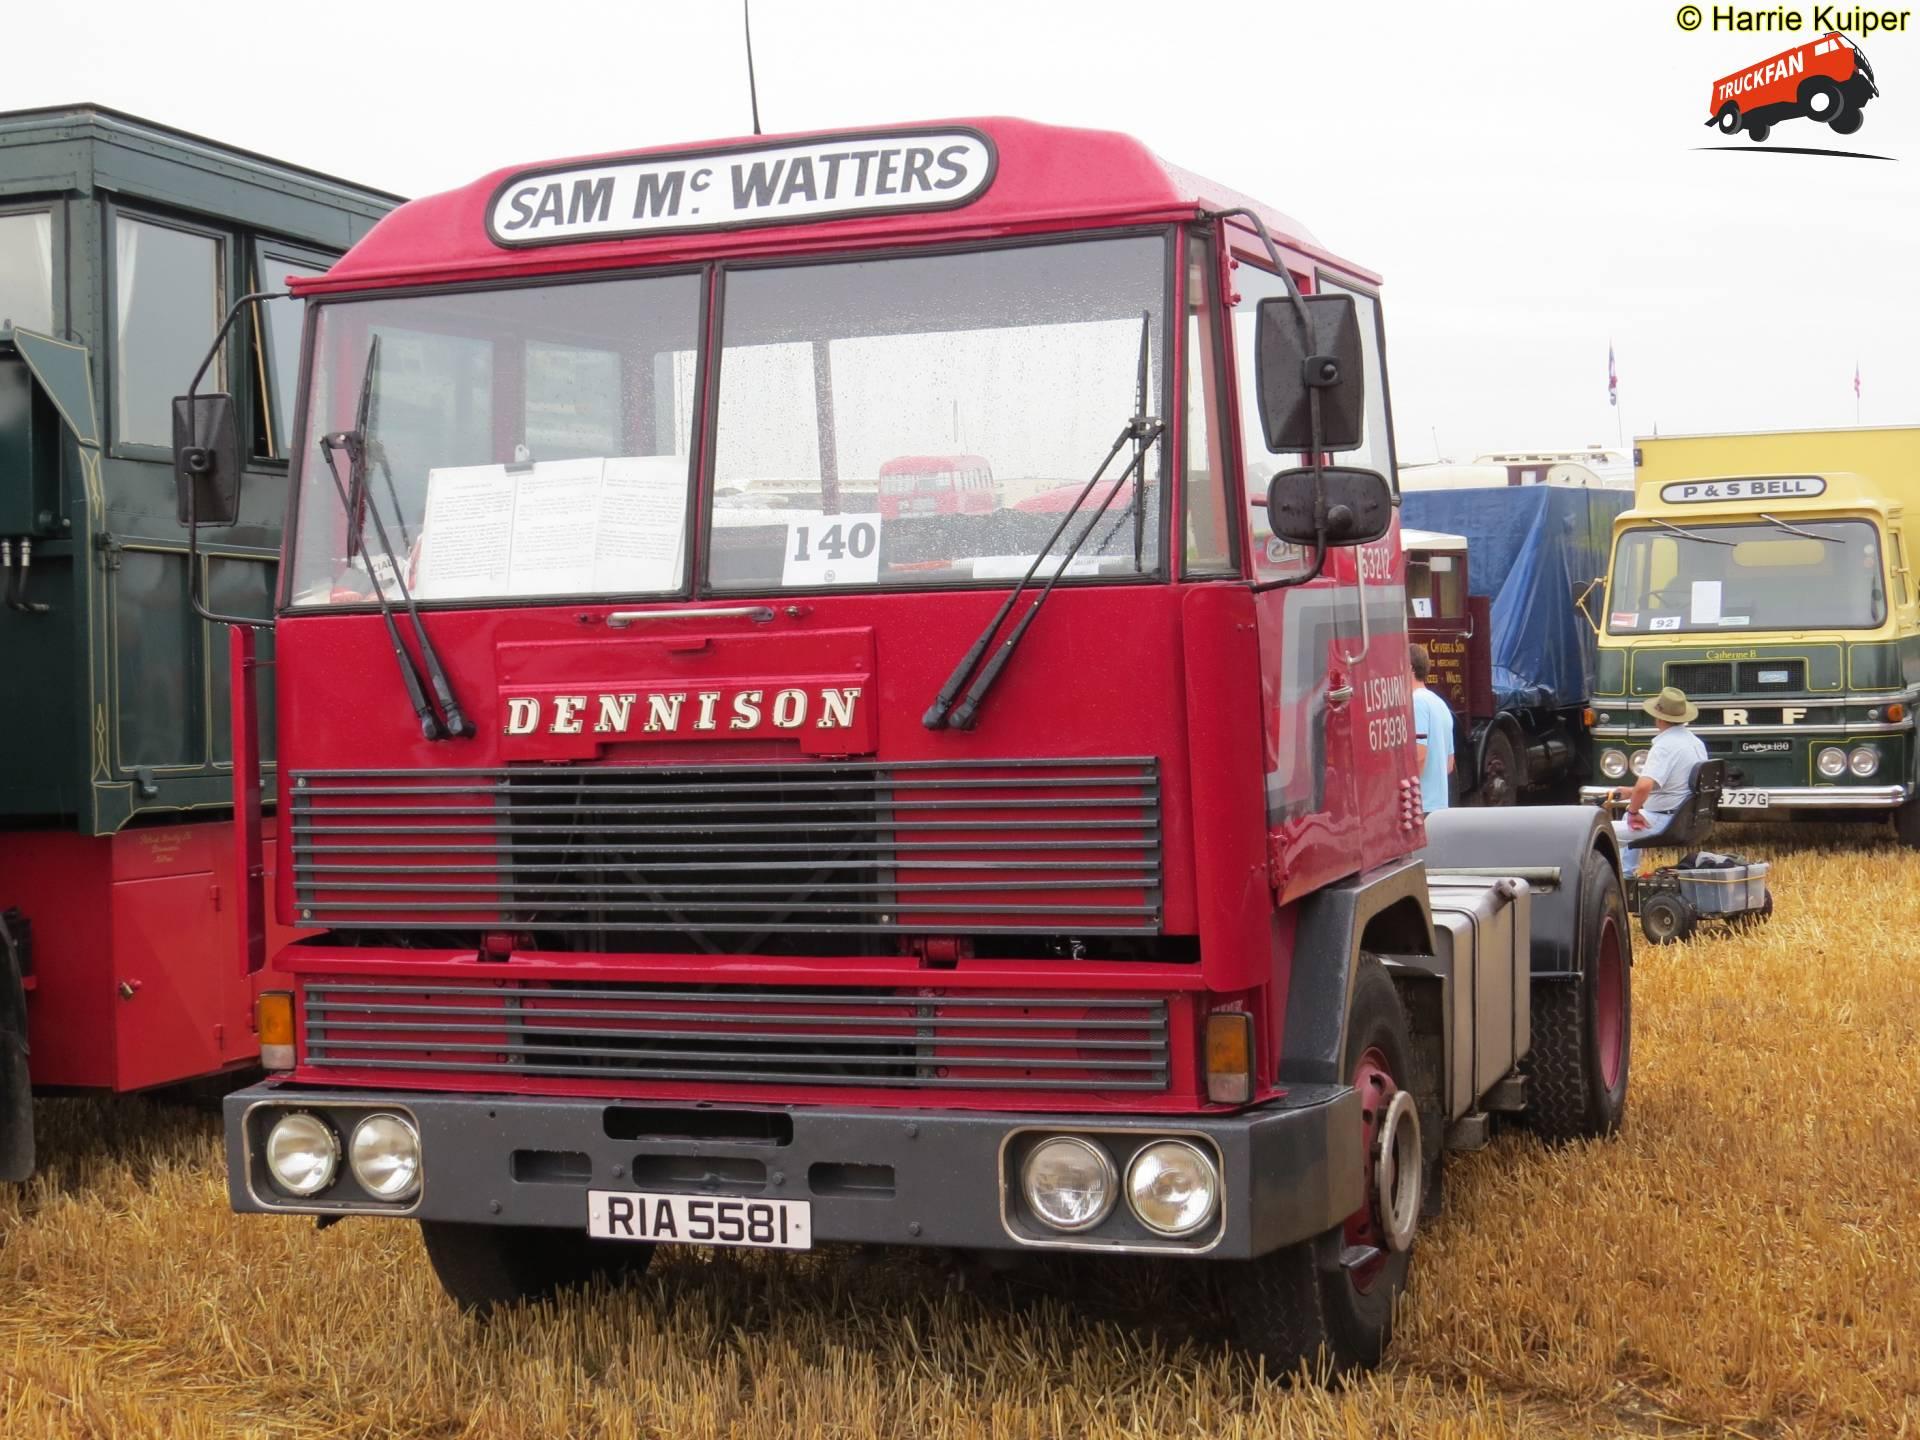 Dennison Artic 240T